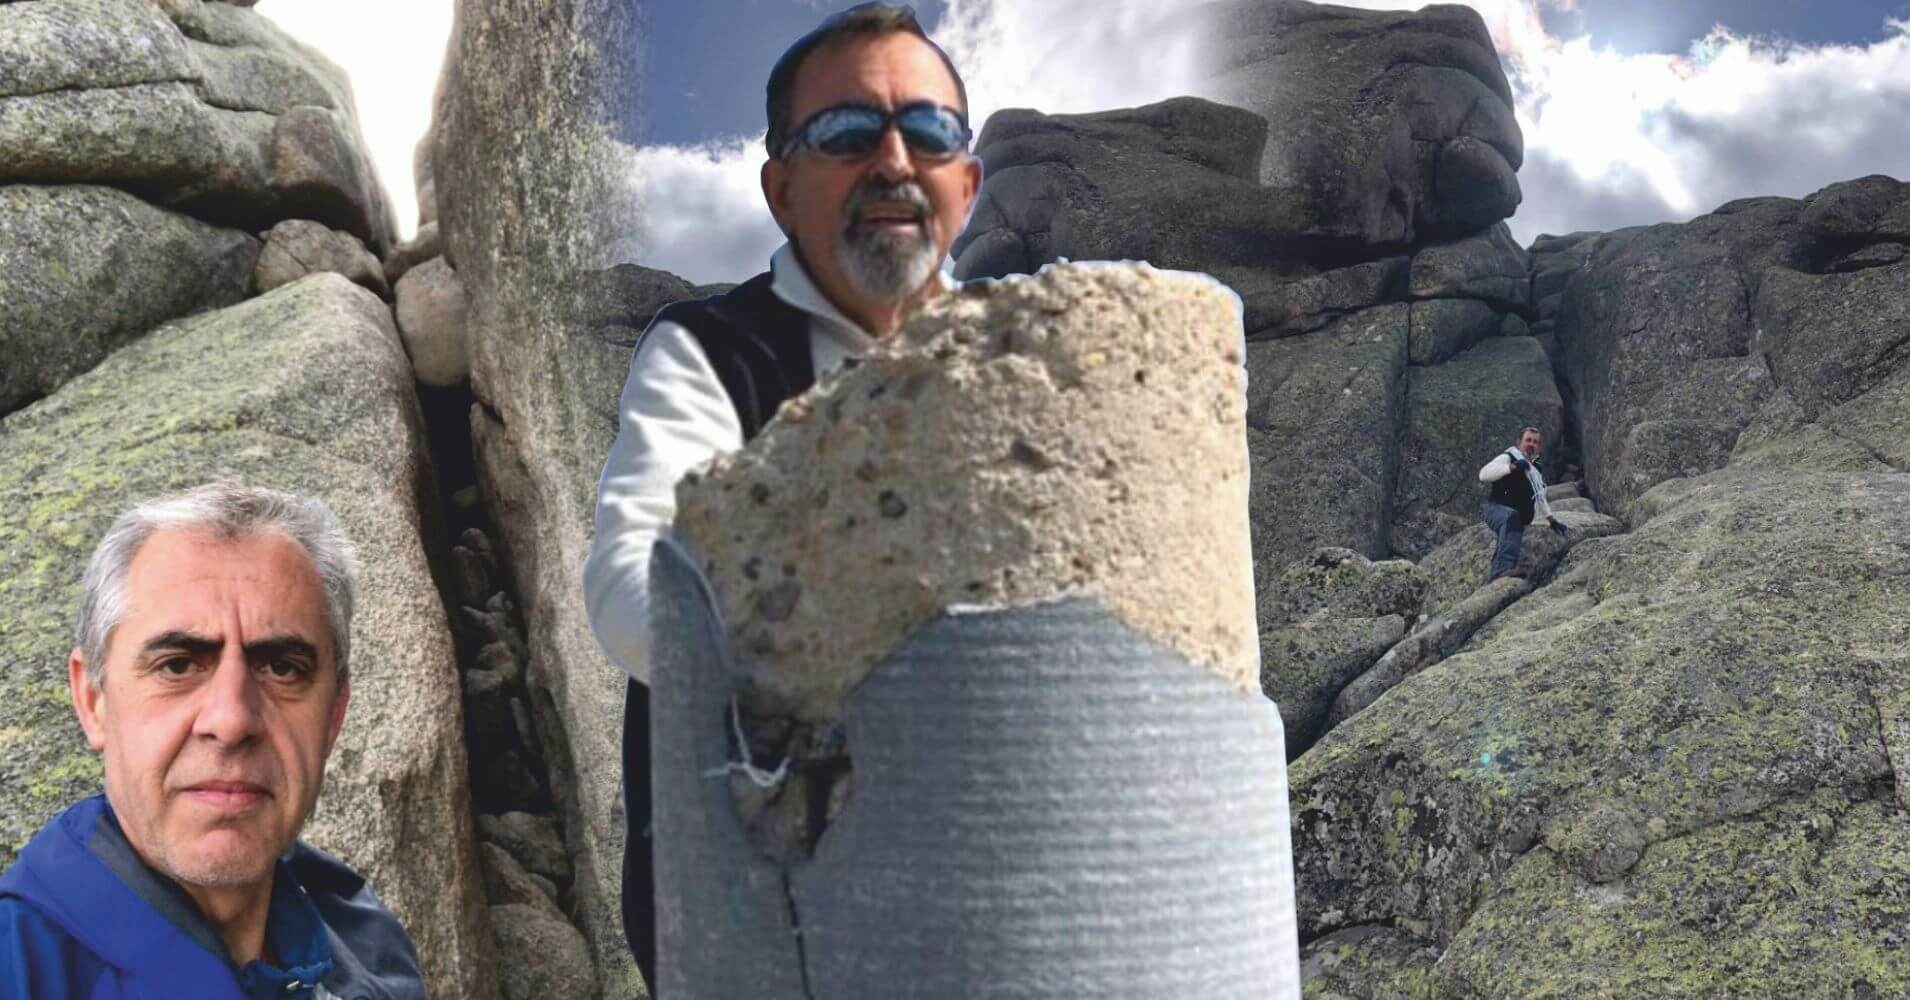 Grieta de Subida a El Yelmo y Cumbre. La Pedriza de El Manzanares. Comunidad de Madrid.